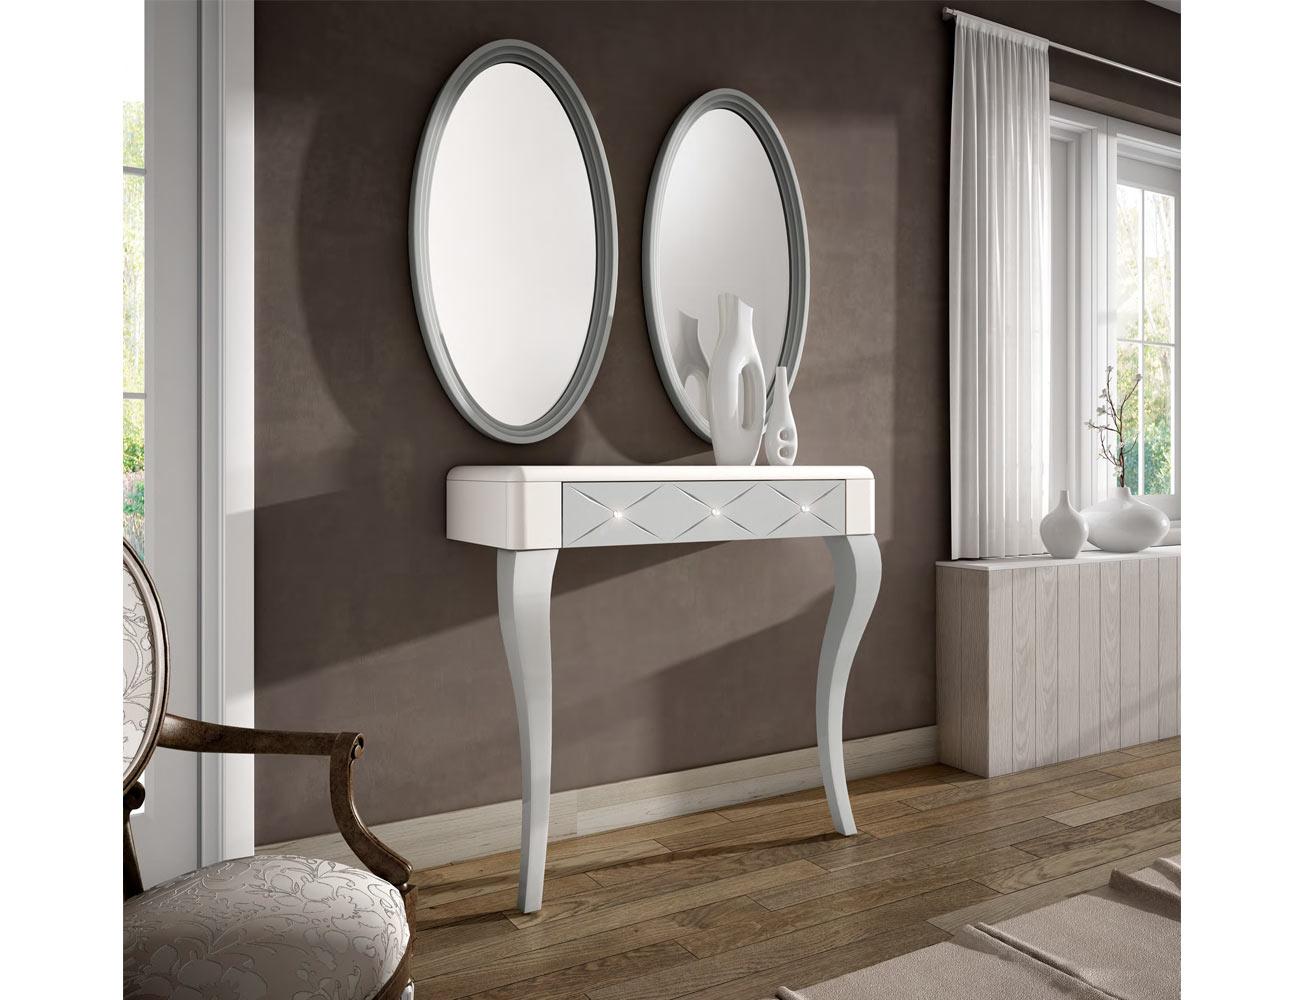 Muebles estilo neoclasico los ebanistas intentaron for Muebles modernos estilo europeo